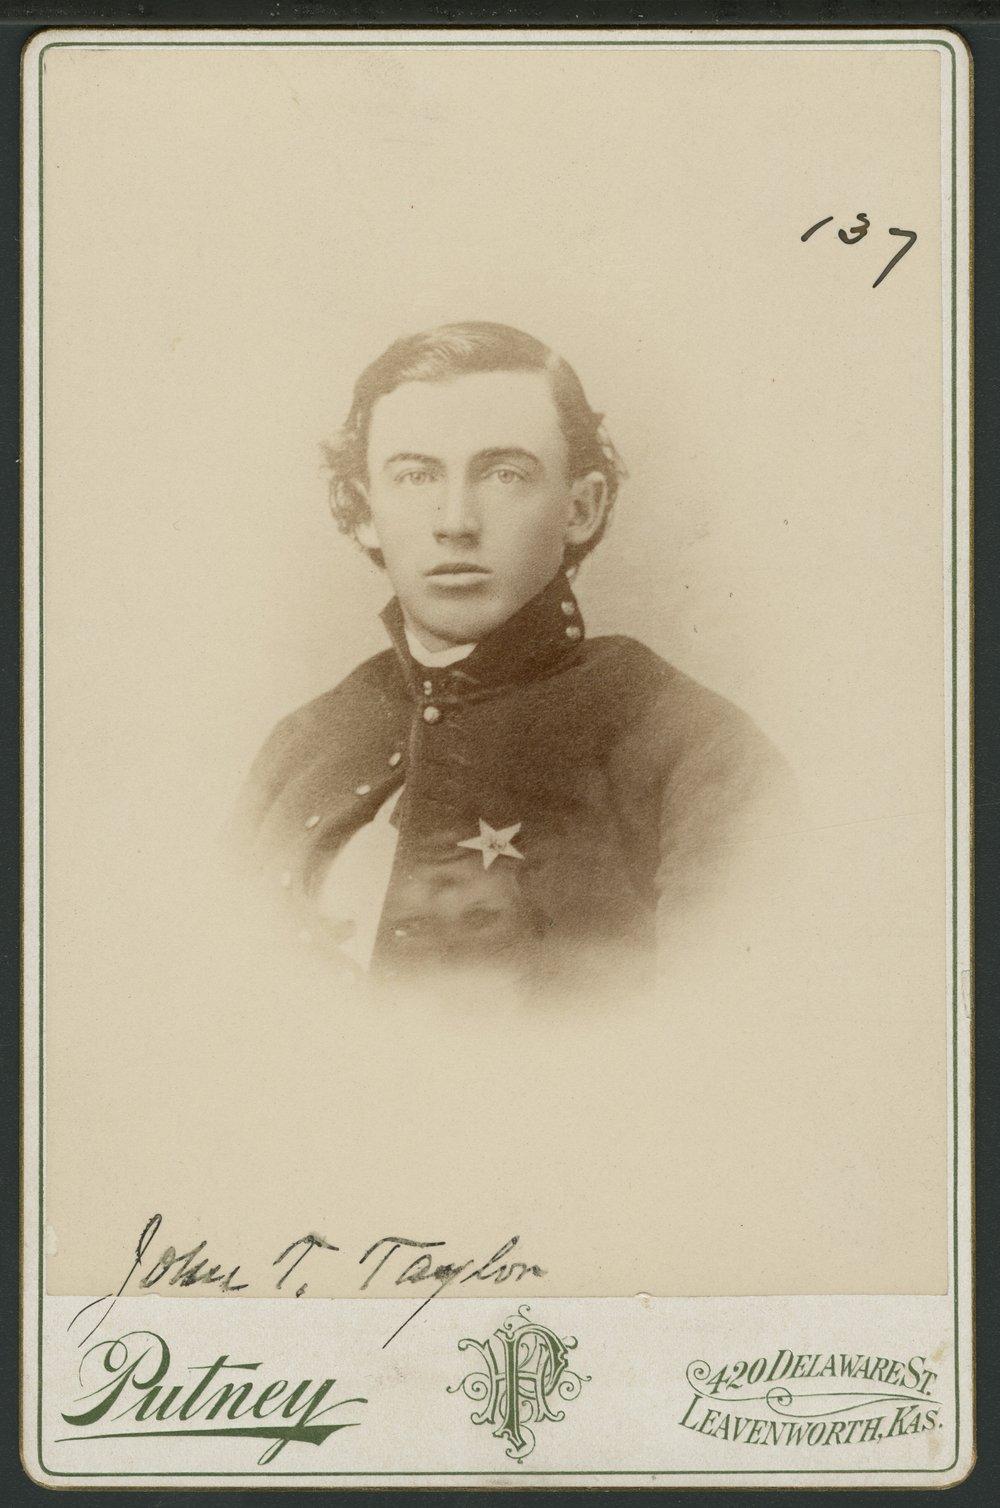 John T. Taylor - 1